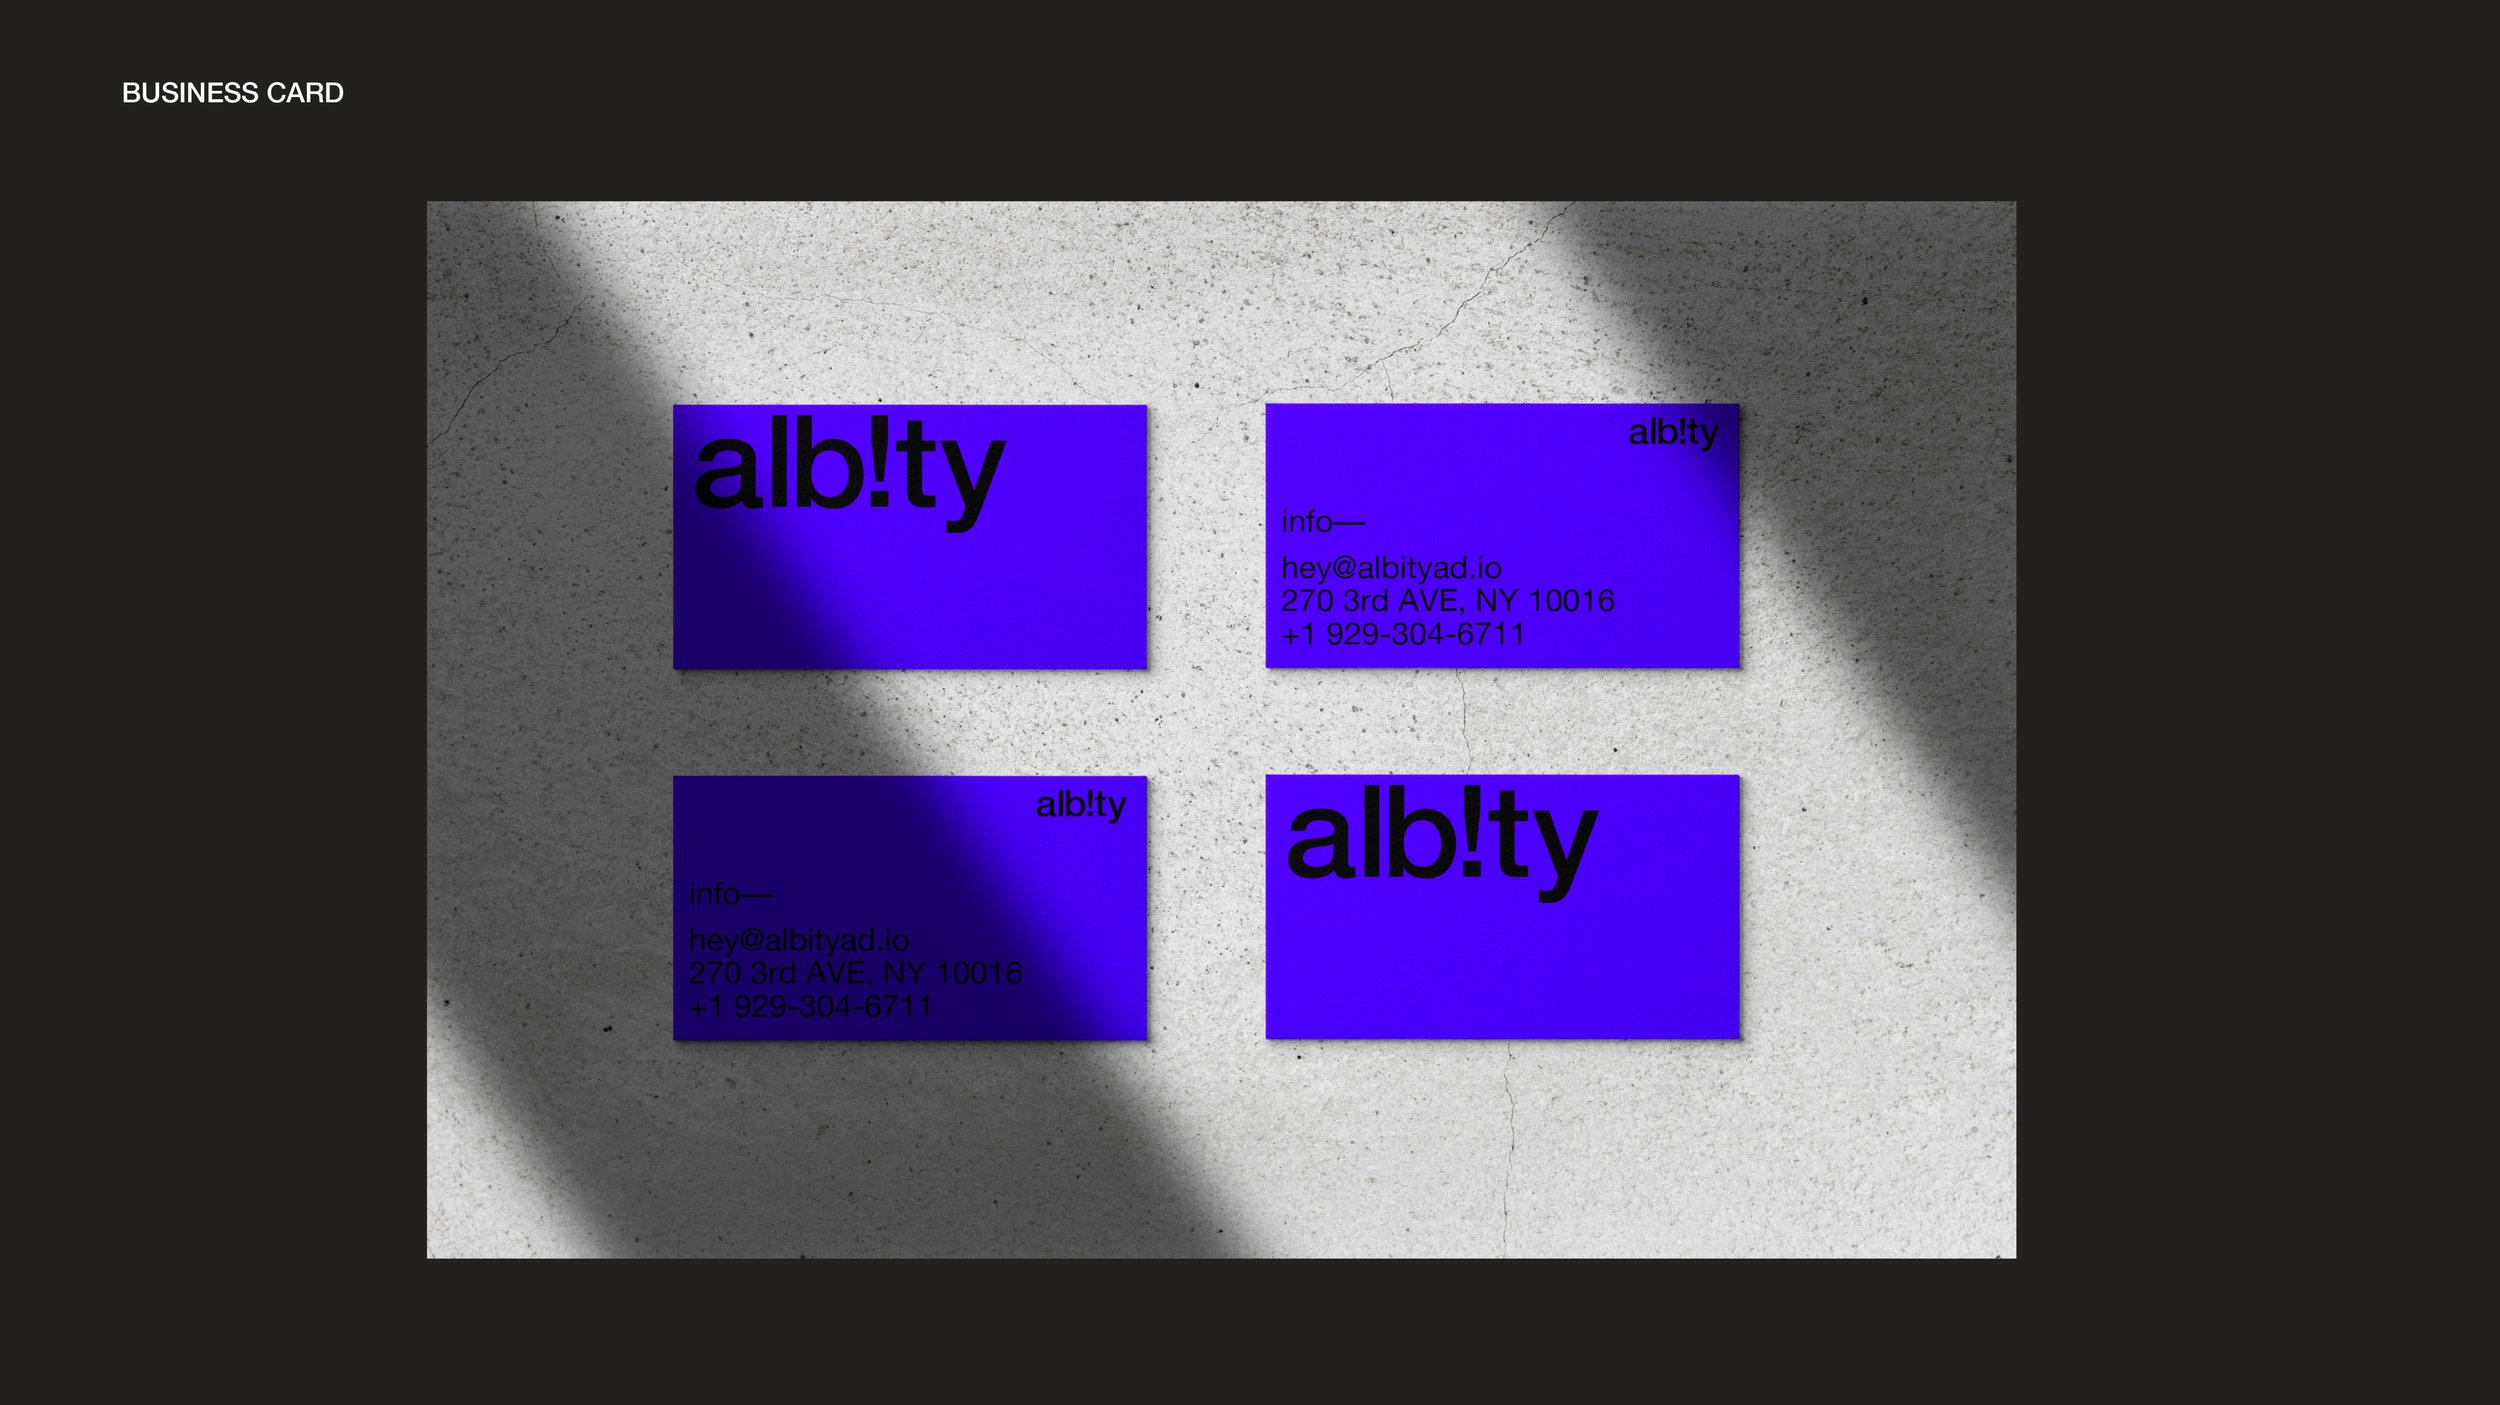 albity2.jpg